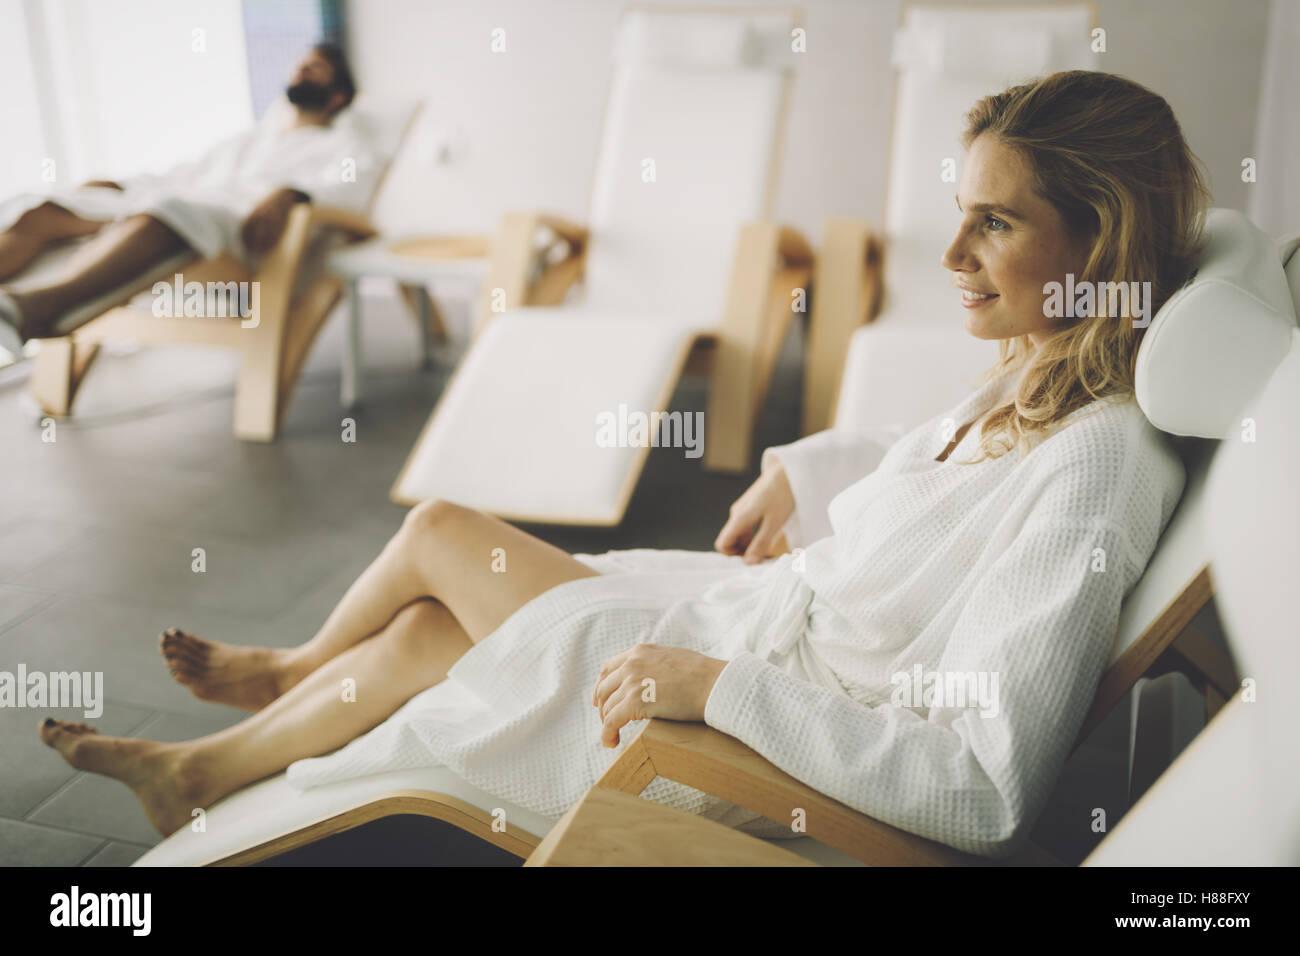 Bella mujer relajante en albornoz en el centro de spa Imagen De Stock